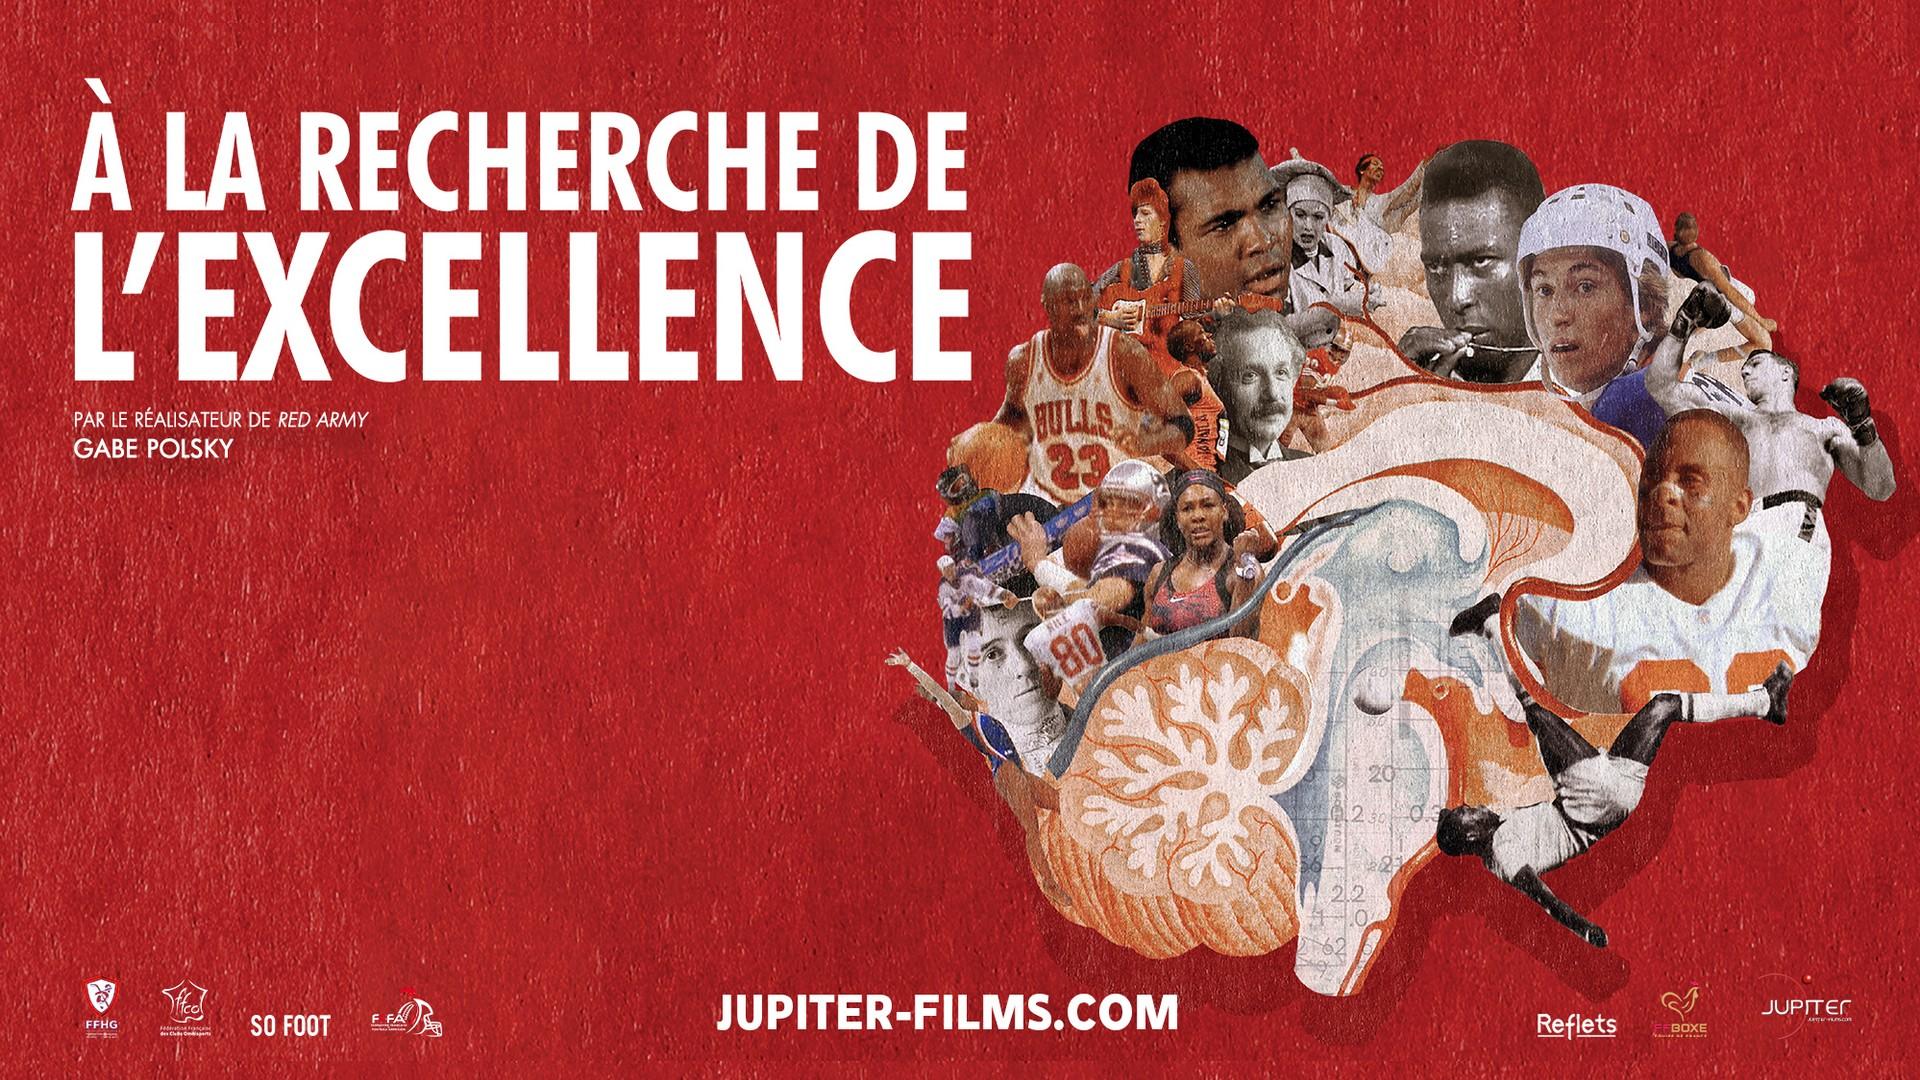 Film – A la recherche de l'excellence (1) (2021)